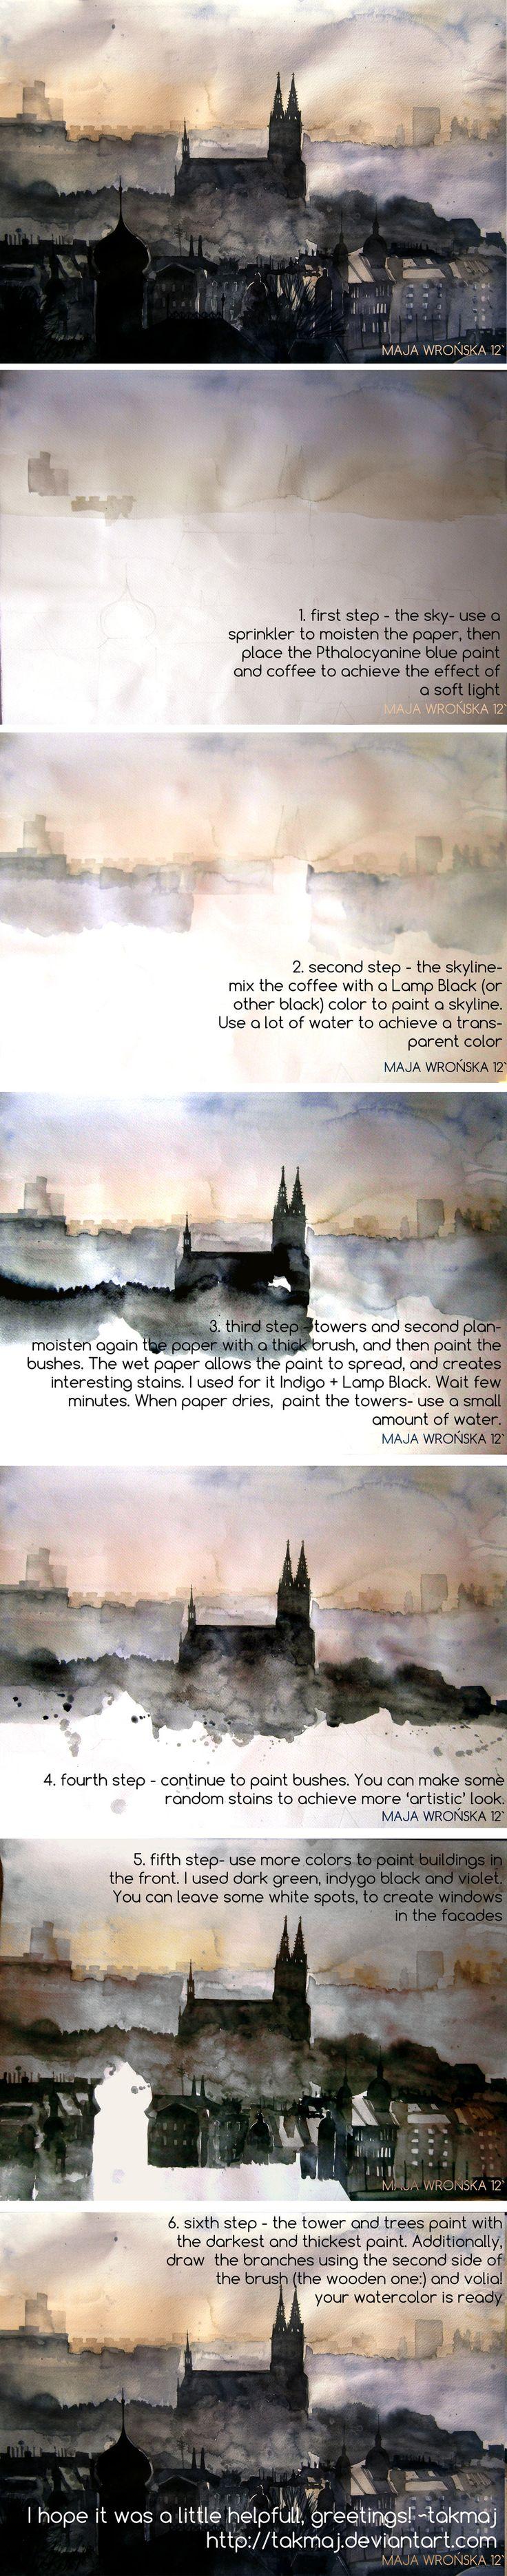 Watercolor tutorial by takmaj.deviantart.com on @deviantART